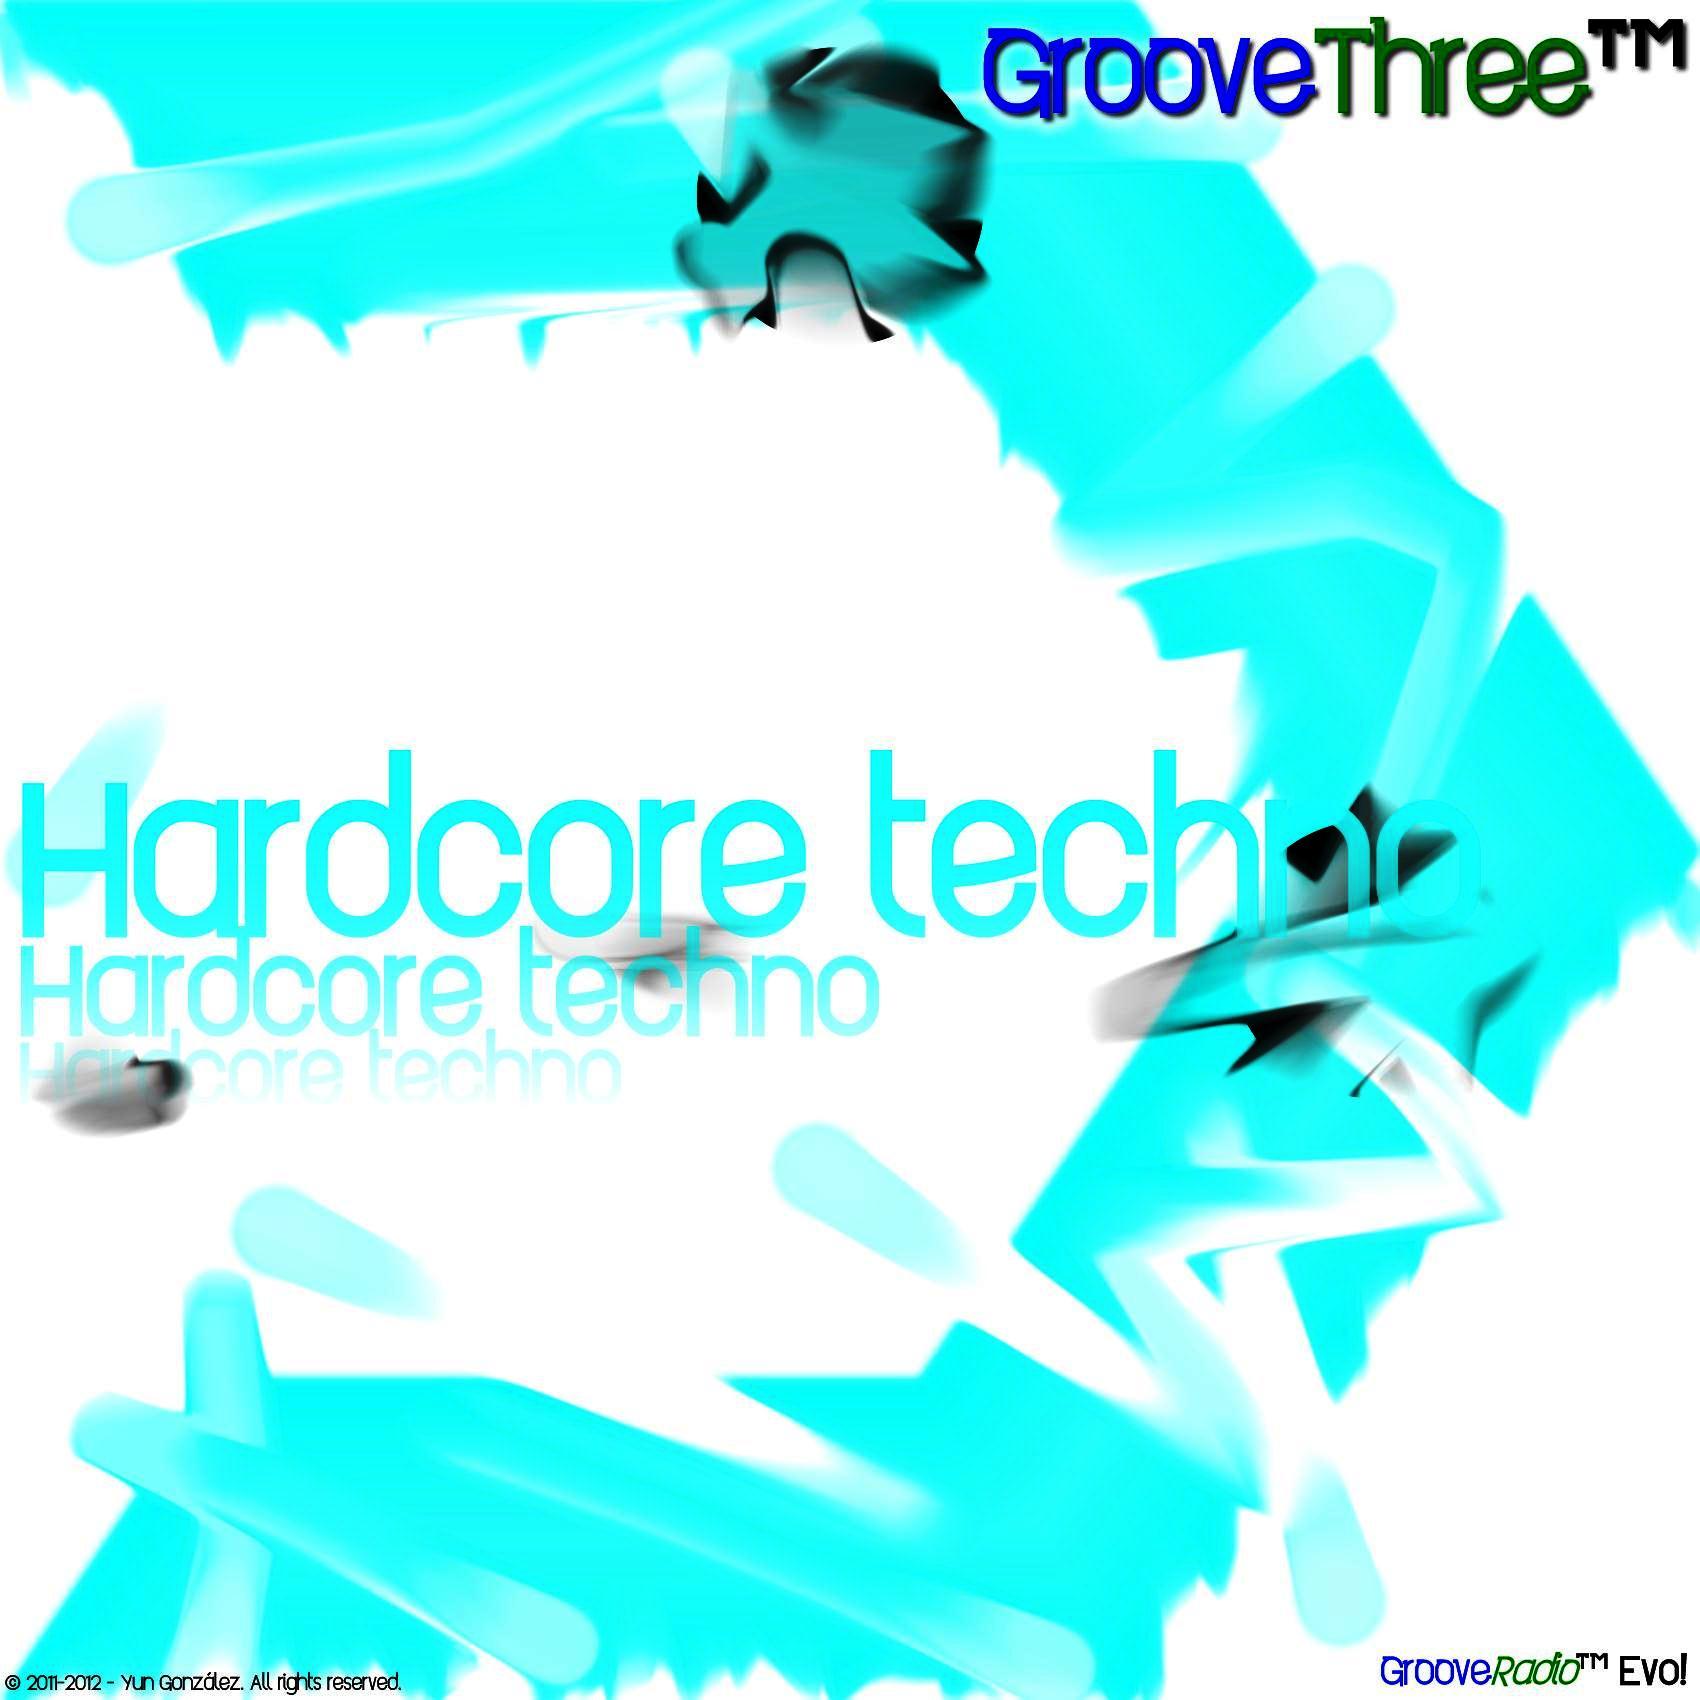 hardcore techno techno